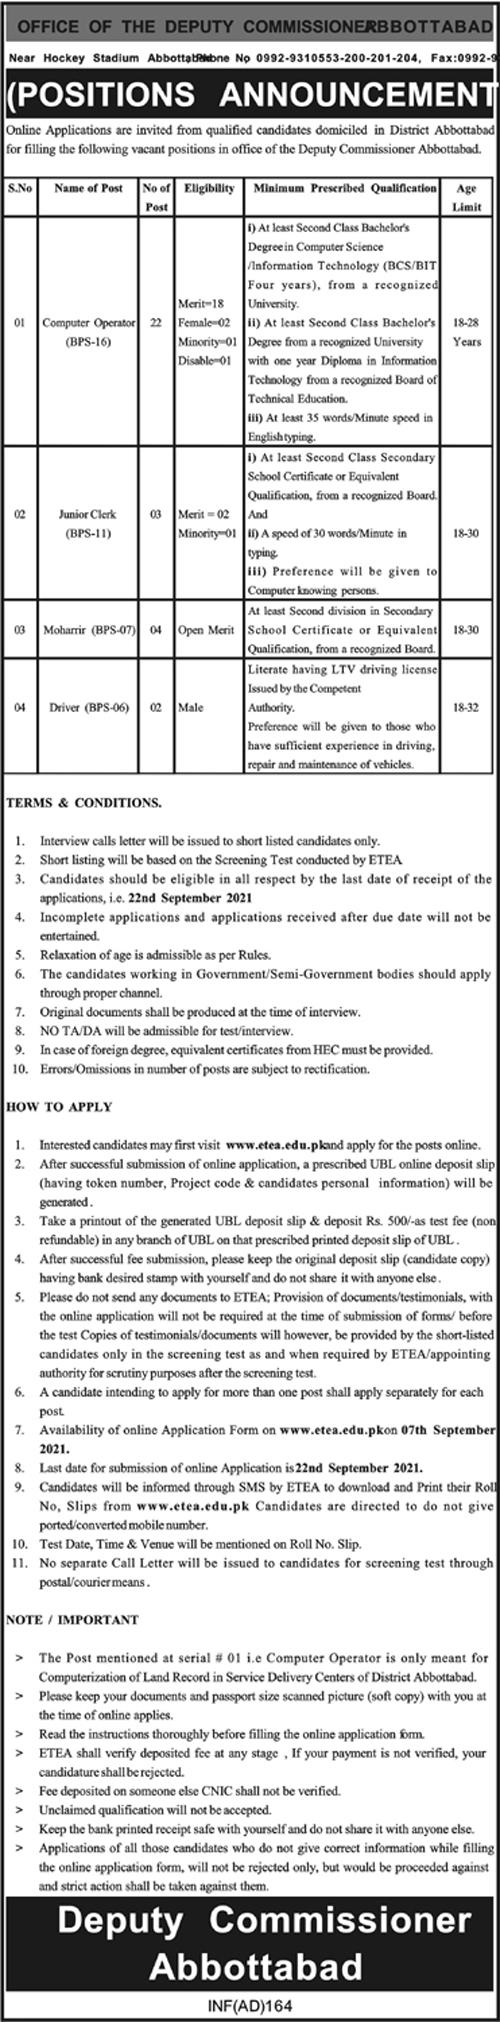 www.etea.edu.pk Jobs 2021 - Deputy Commissioner Office Abbottabad Jobs 2021 in Pakistan